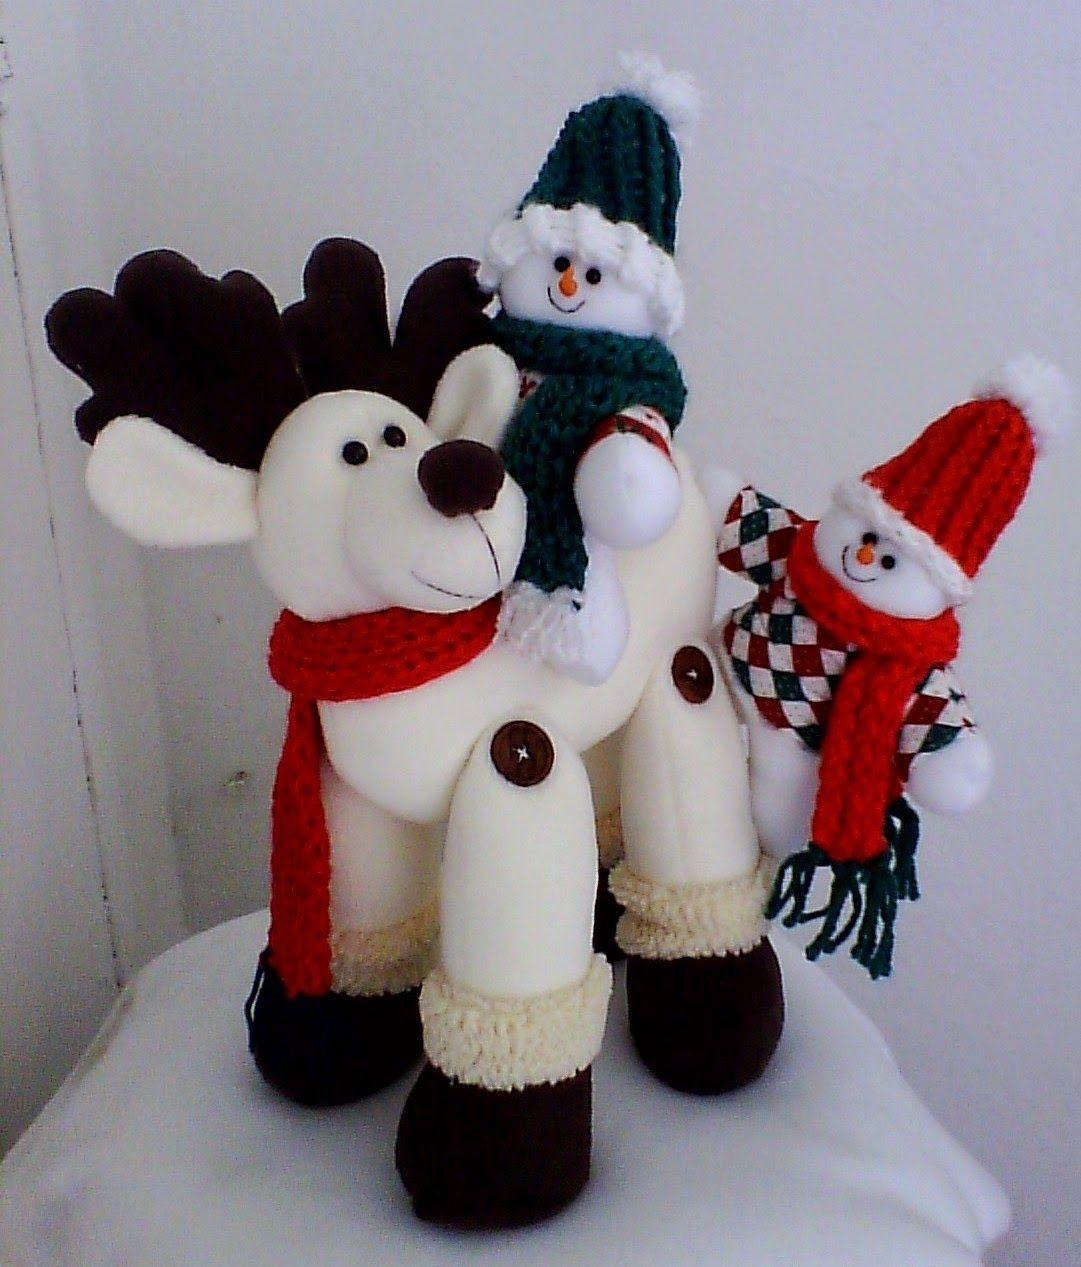 Muñecos navideños: Patrones de Muñecos Navideños | reno | Pinterest ...